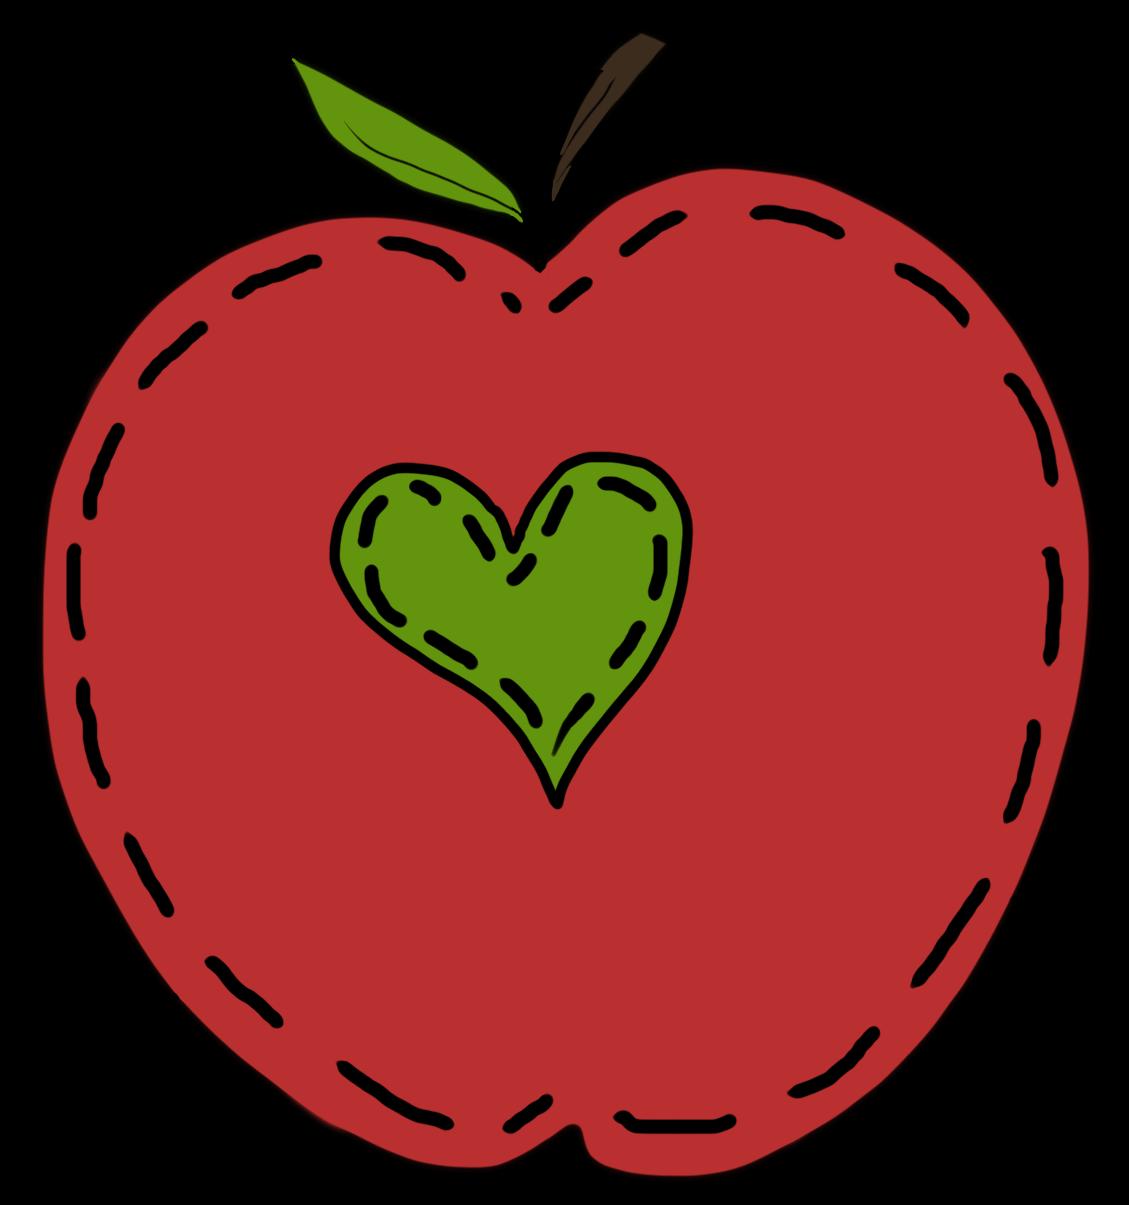 Apple clipart plaid Clipart art 2 School Cute